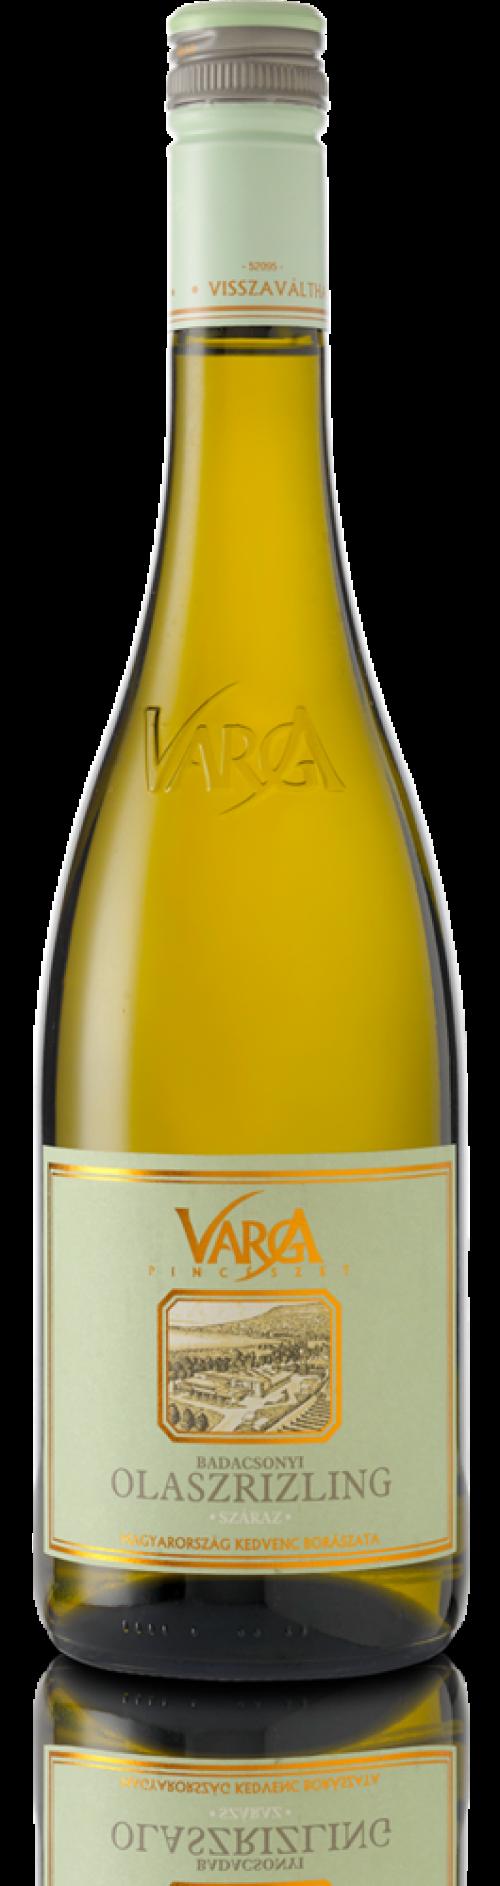 Varga Olaszrizling új palack | Csapolt.hu